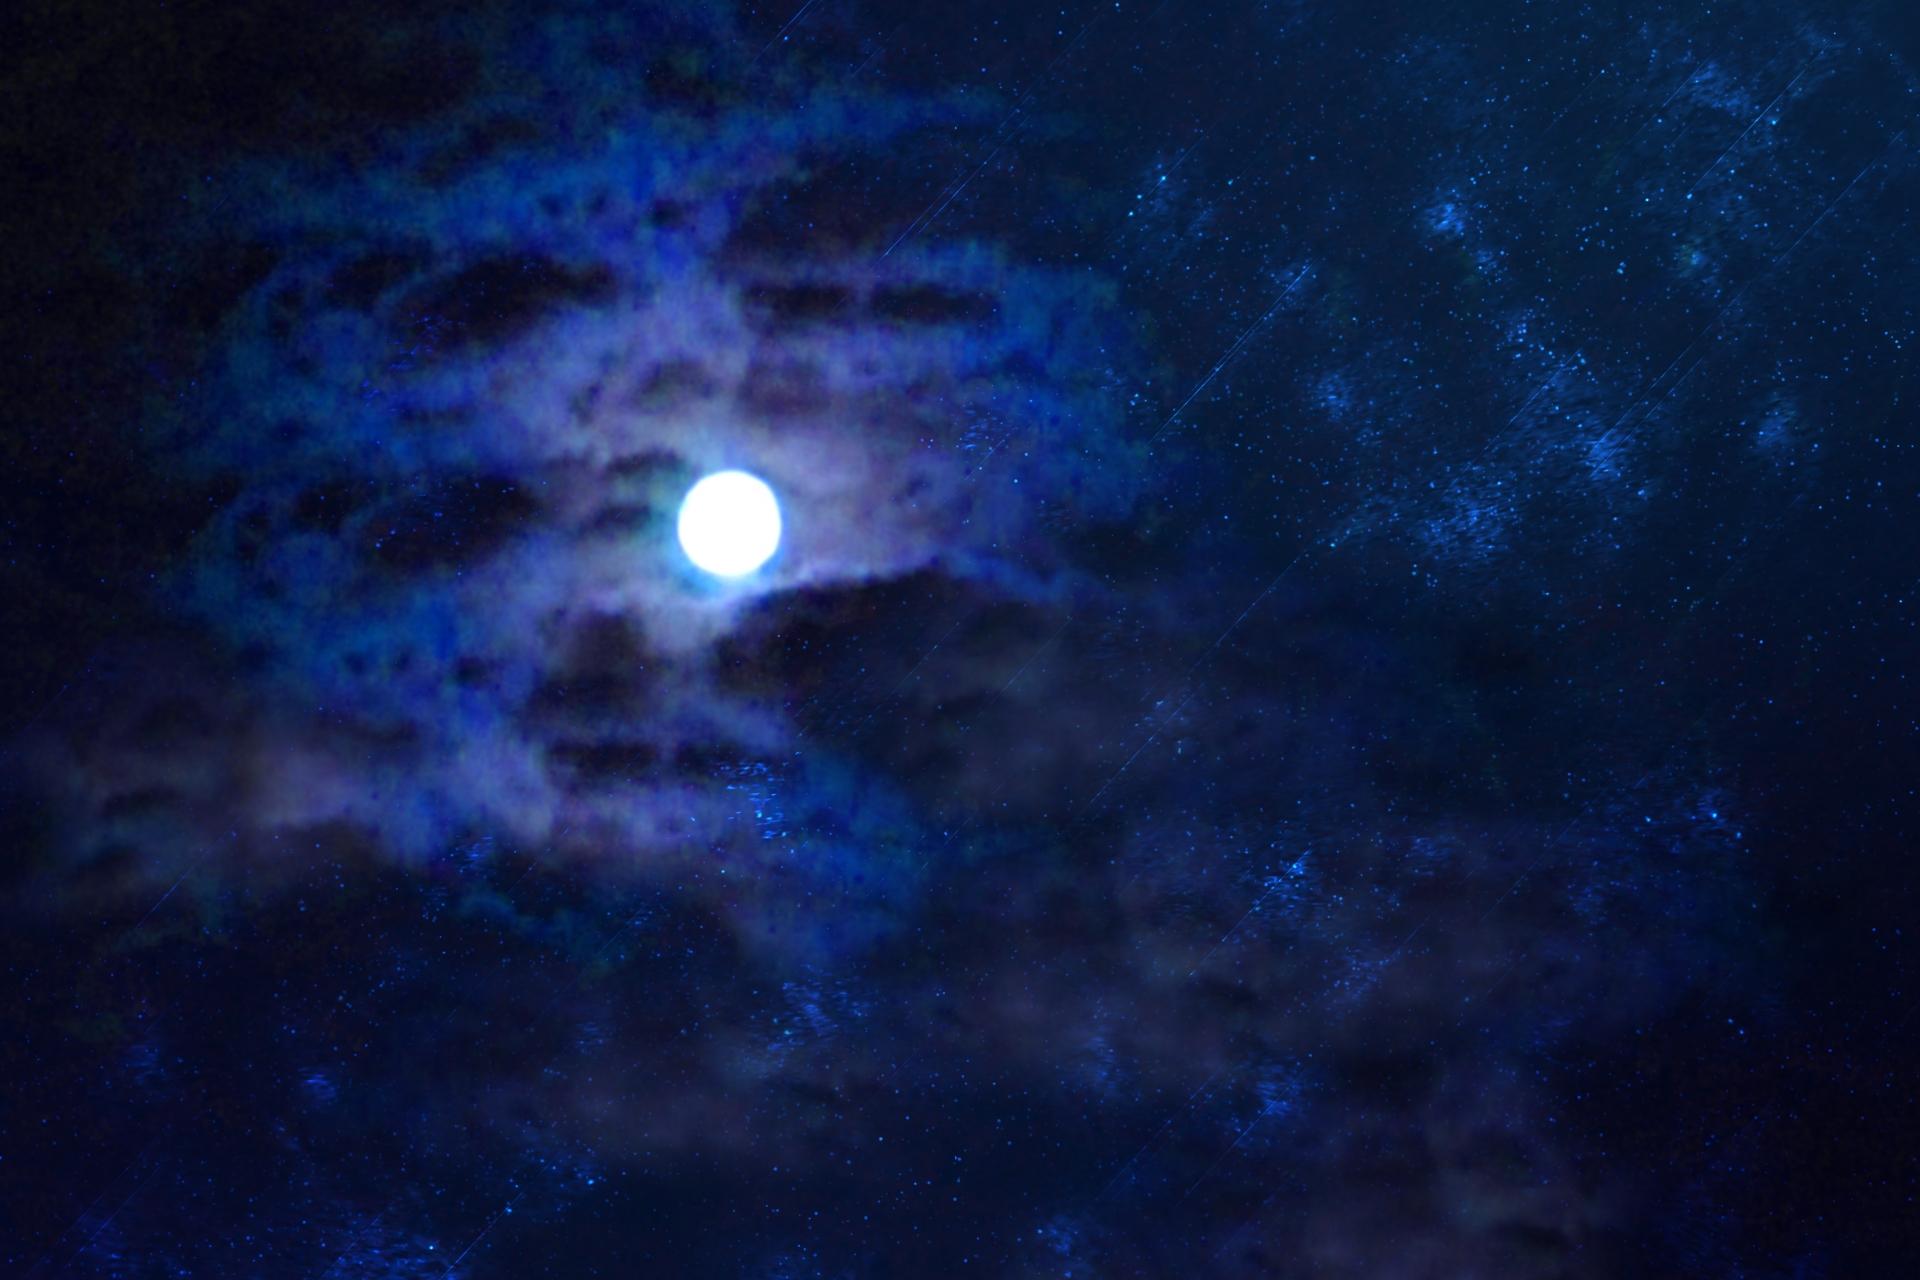 石垣島のナイトツアーで綺麗に見える月